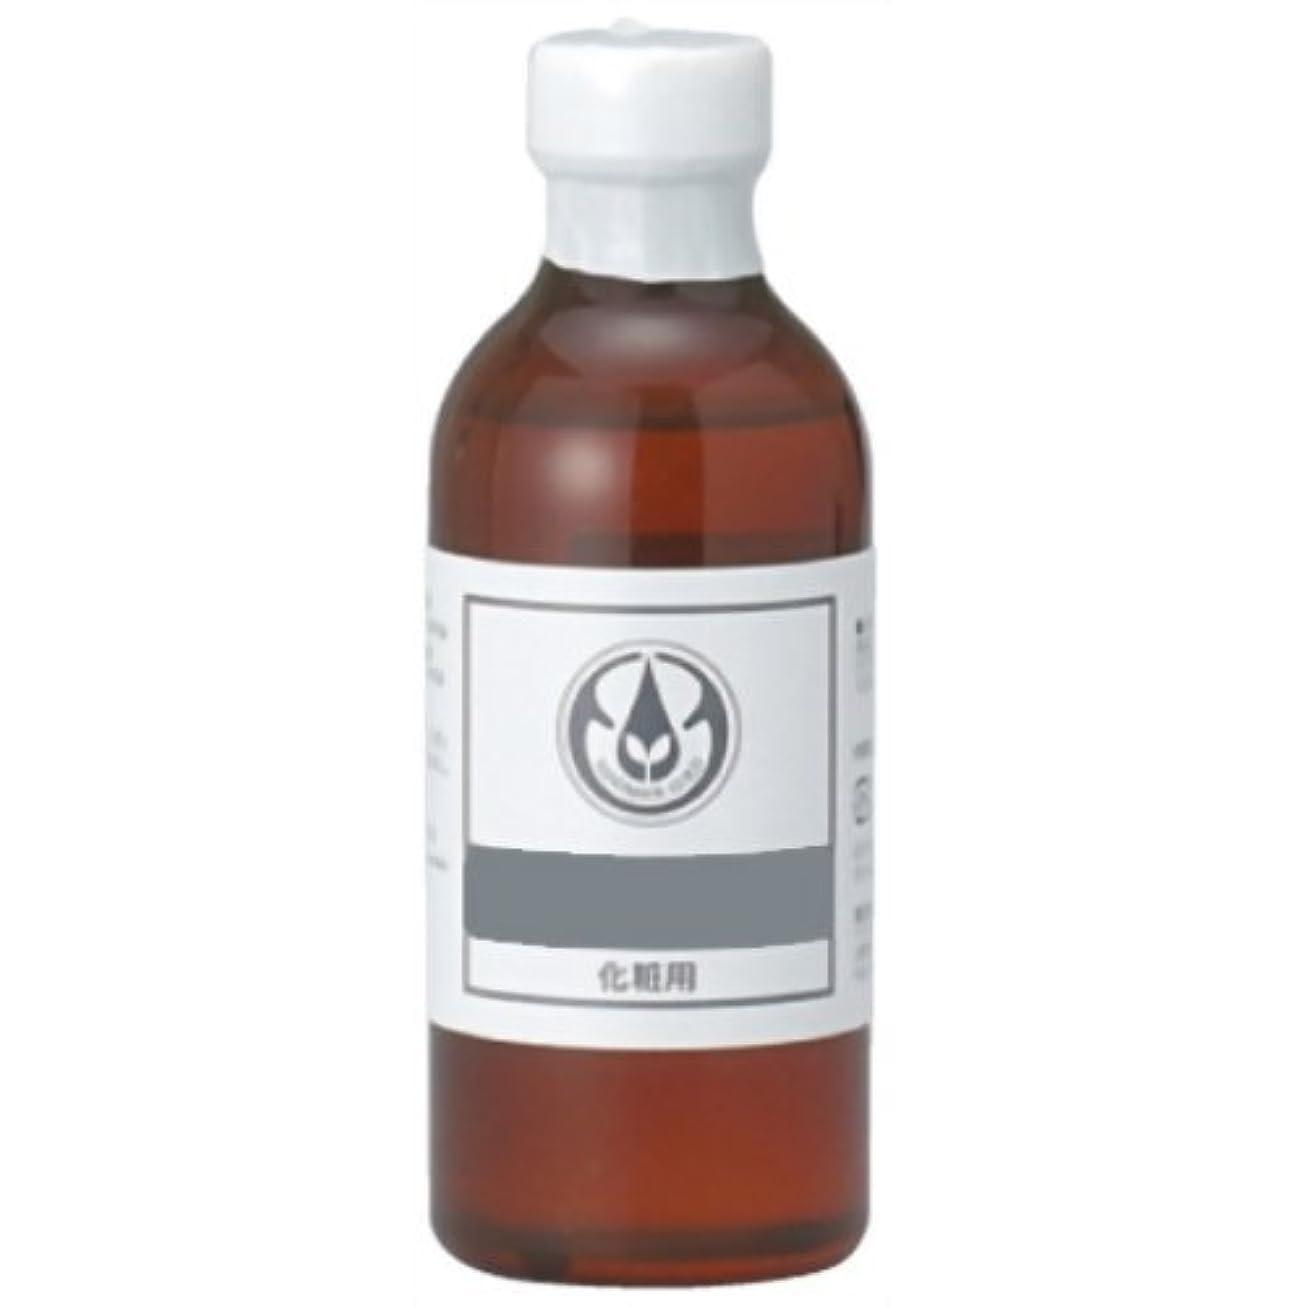 解決するヒューズ乙女生活の木 ホホバ油 (クリア) 250ml